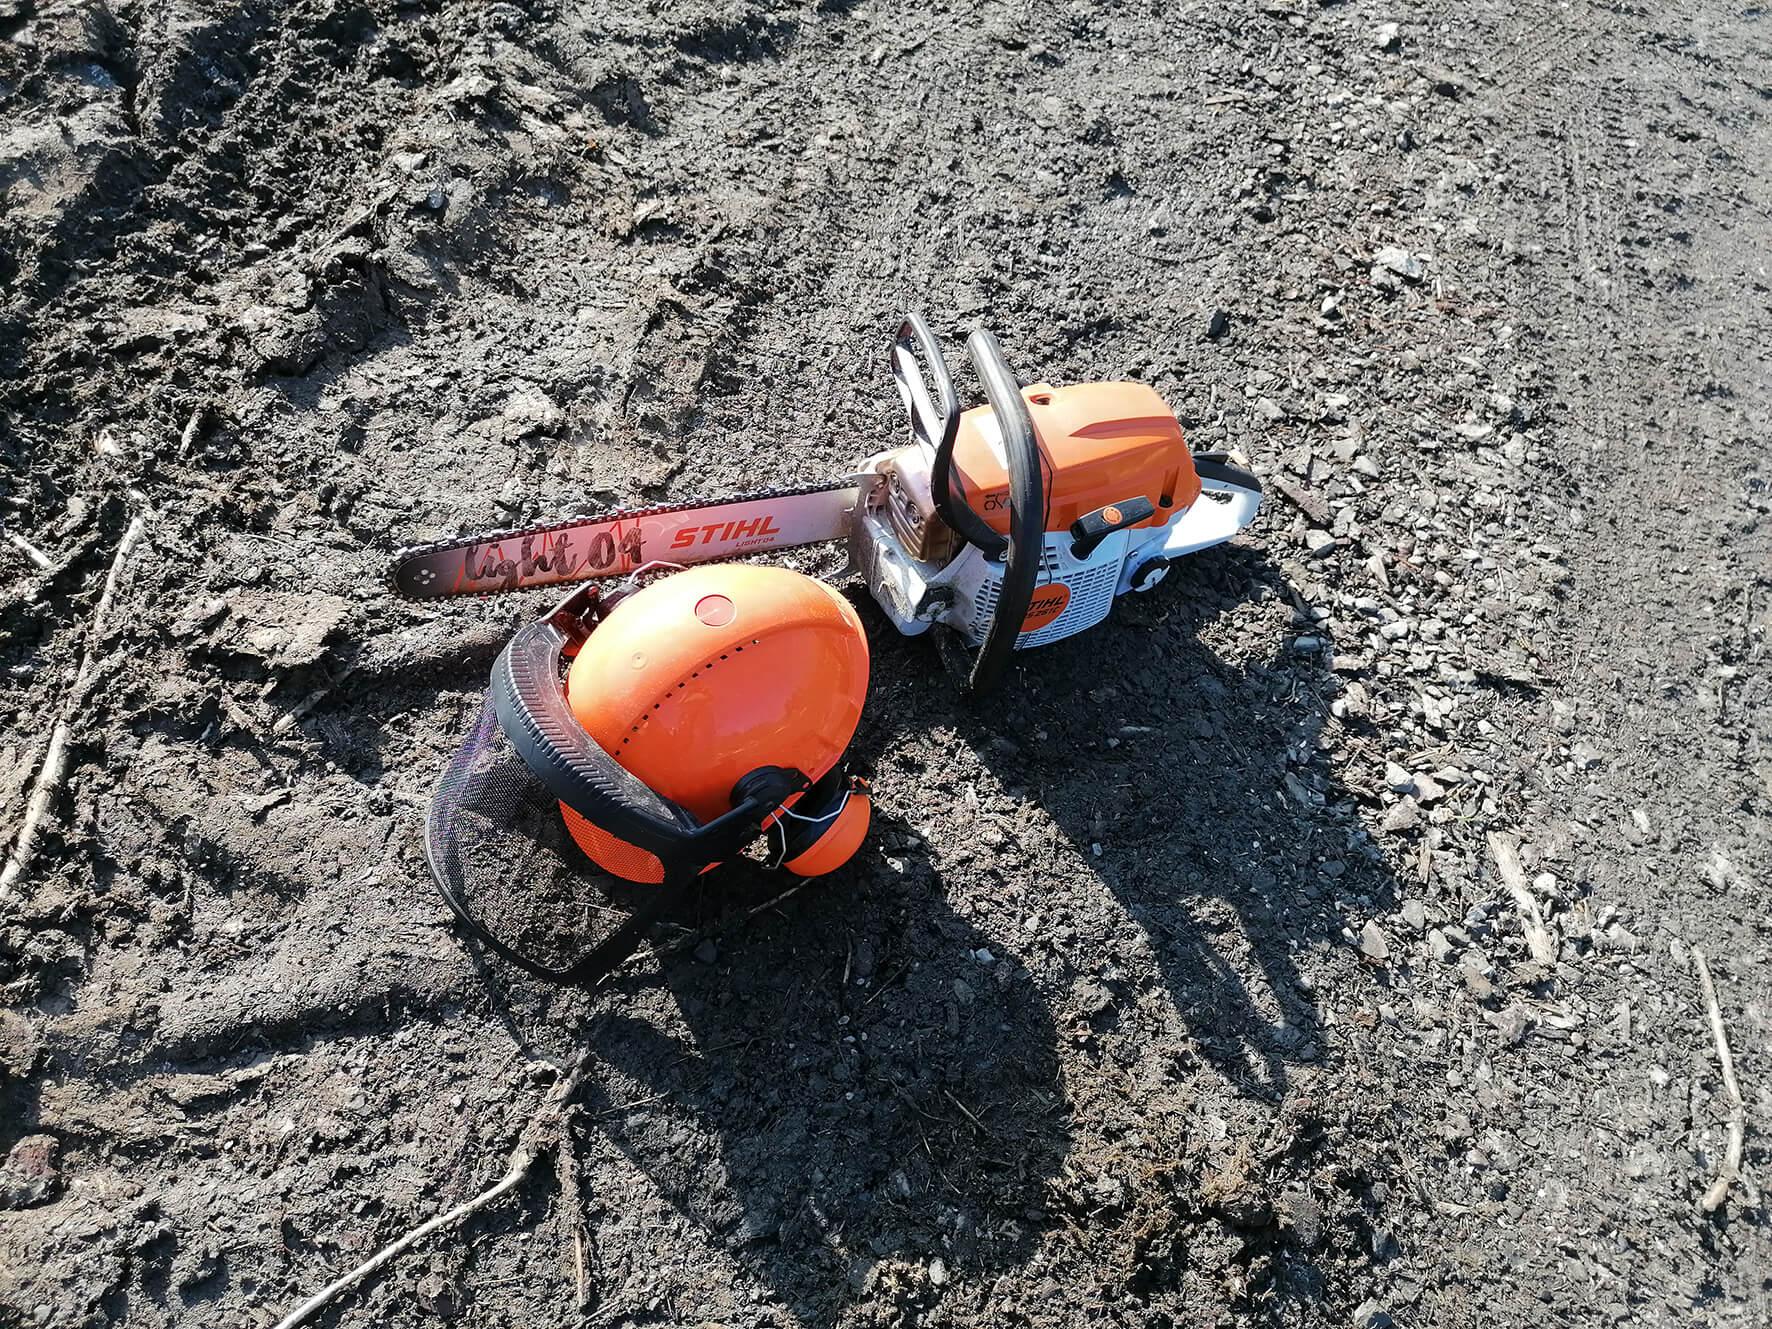 Motorsäge und Helm liegen auf dem Boden in der Wisent-Wildnis